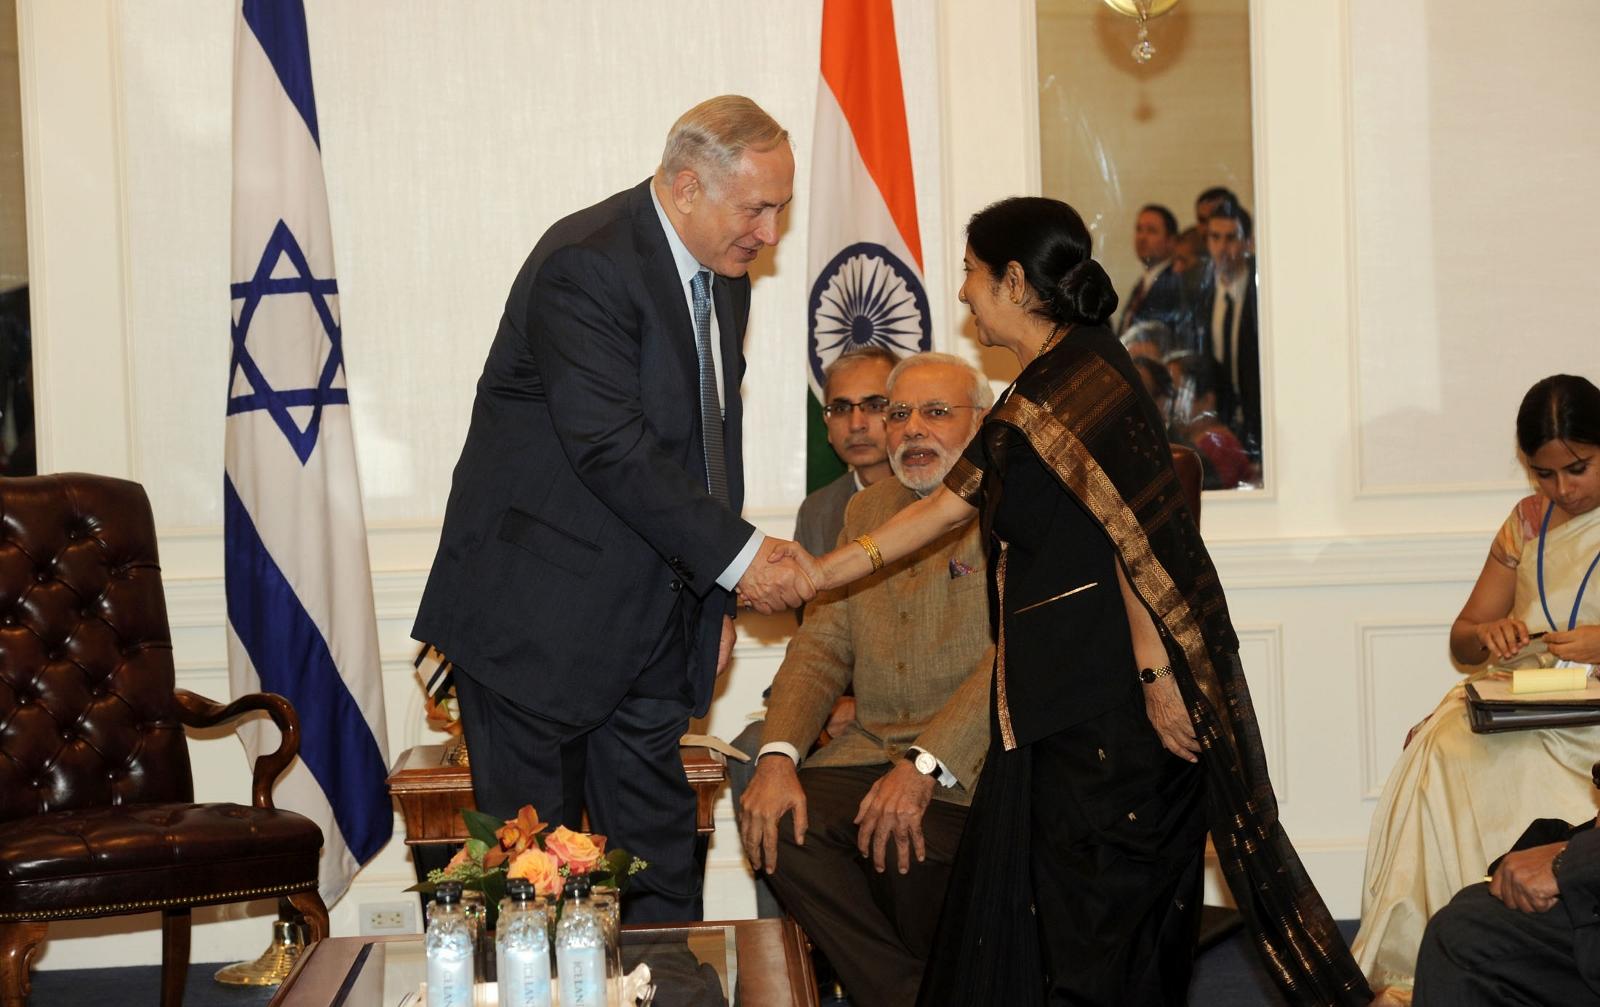 Il primo ministro israeliano Benjamin Netanyahu incontra la ministra degli affari esteri indiana Sushma Swaraj lo scorso 28 settembre a New York. Tra loro, il primo ministro indiano Narendra Modi